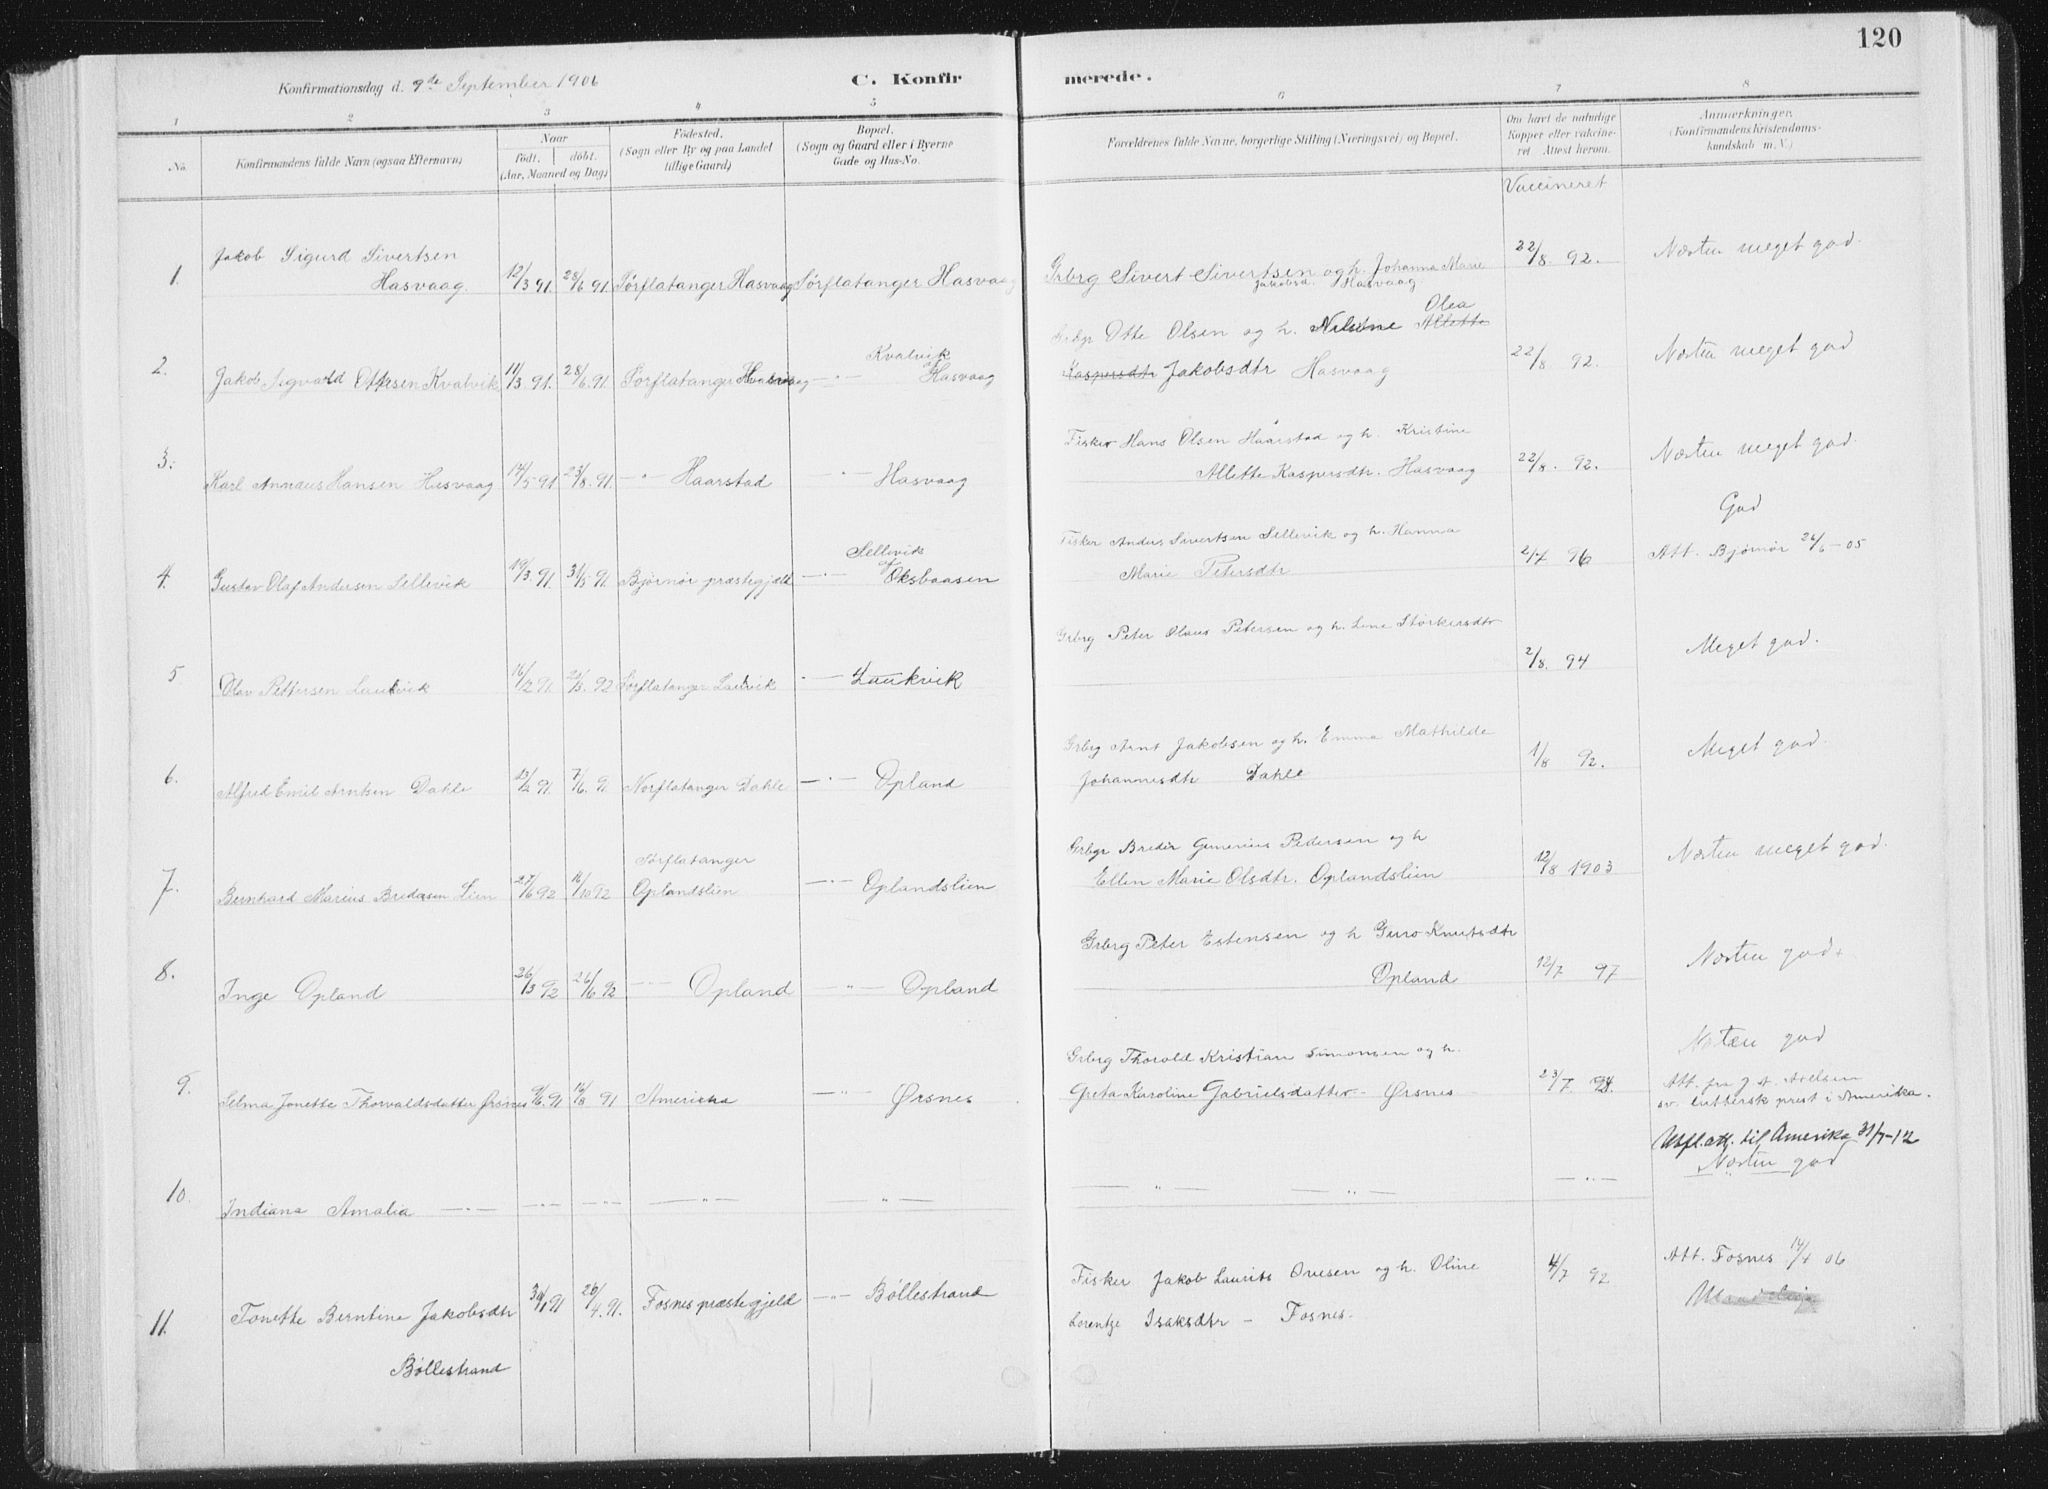 SAT, Ministerialprotokoller, klokkerbøker og fødselsregistre - Nord-Trøndelag, 771/L0597: Ministerialbok nr. 771A04, 1885-1910, s. 120